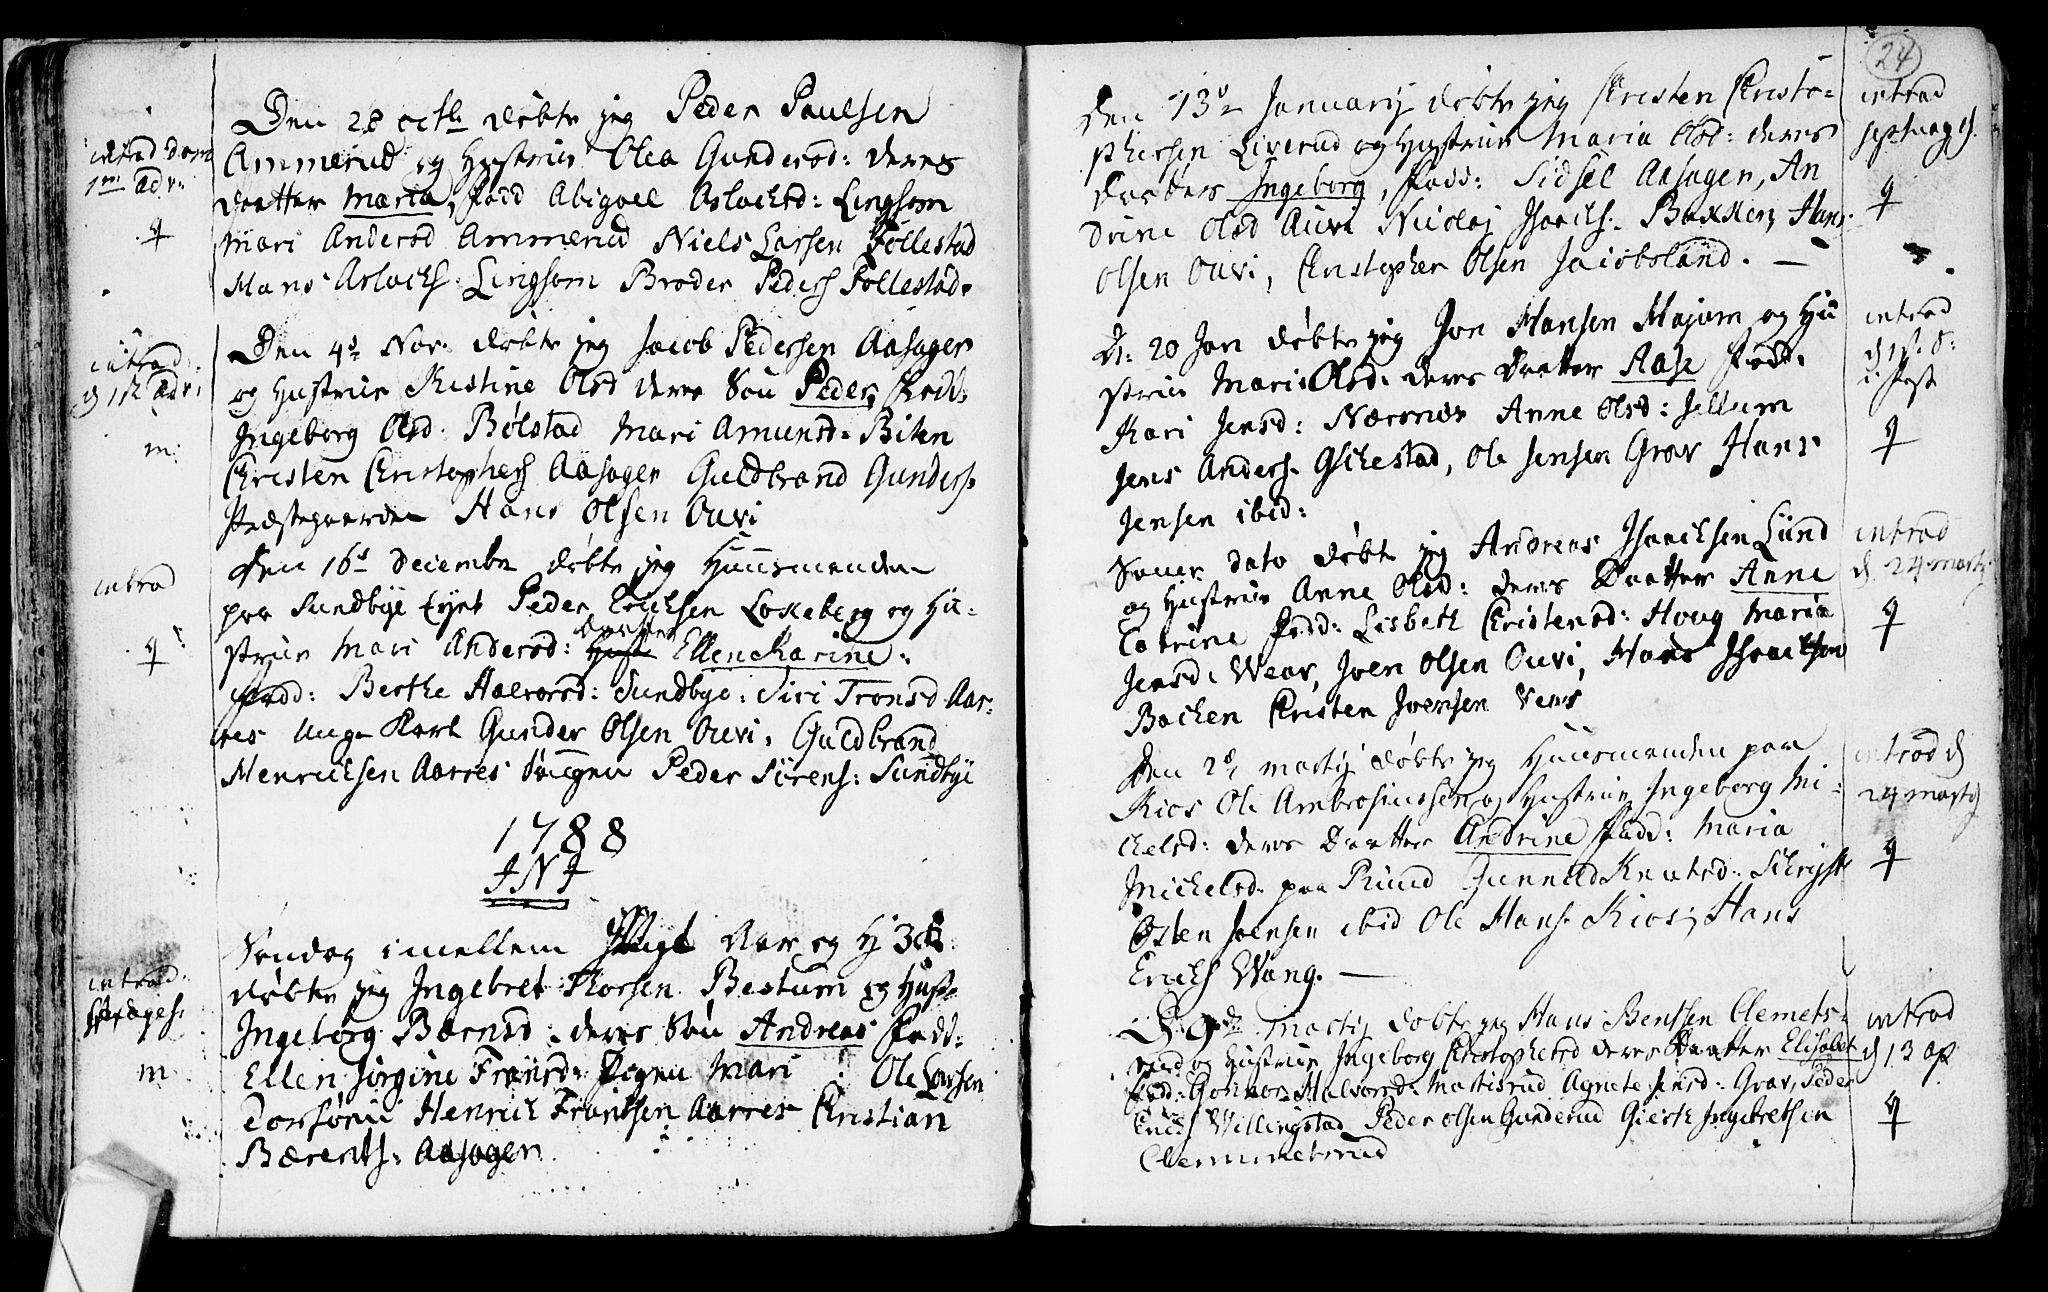 SAKO, Røyken kirkebøker, F/Fa/L0003: Ministerialbok nr. 3, 1782-1813, s. 24